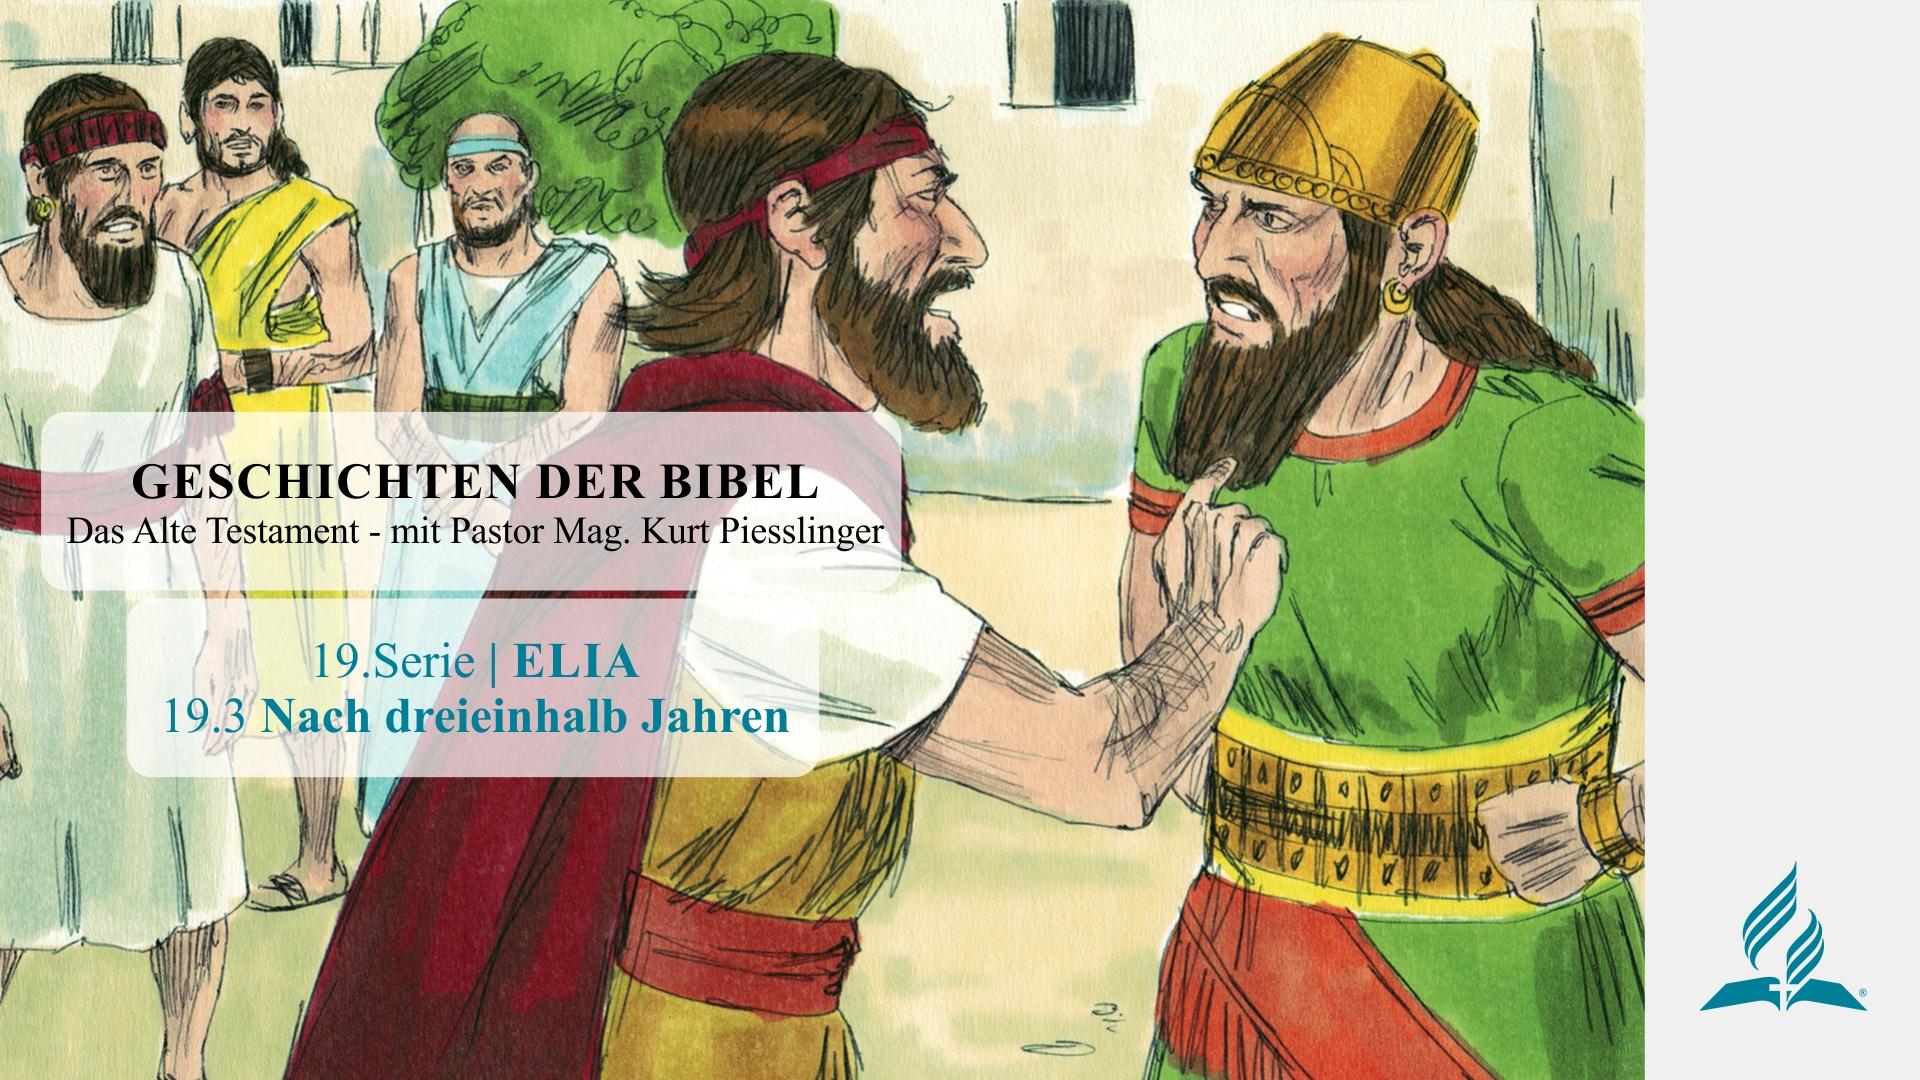 GESCHICHTEN DER BIBEL : 19.3 Nach dreieinhalb Jahren – 19.ELIA | Pastor Mag. Kurt Piesslinger